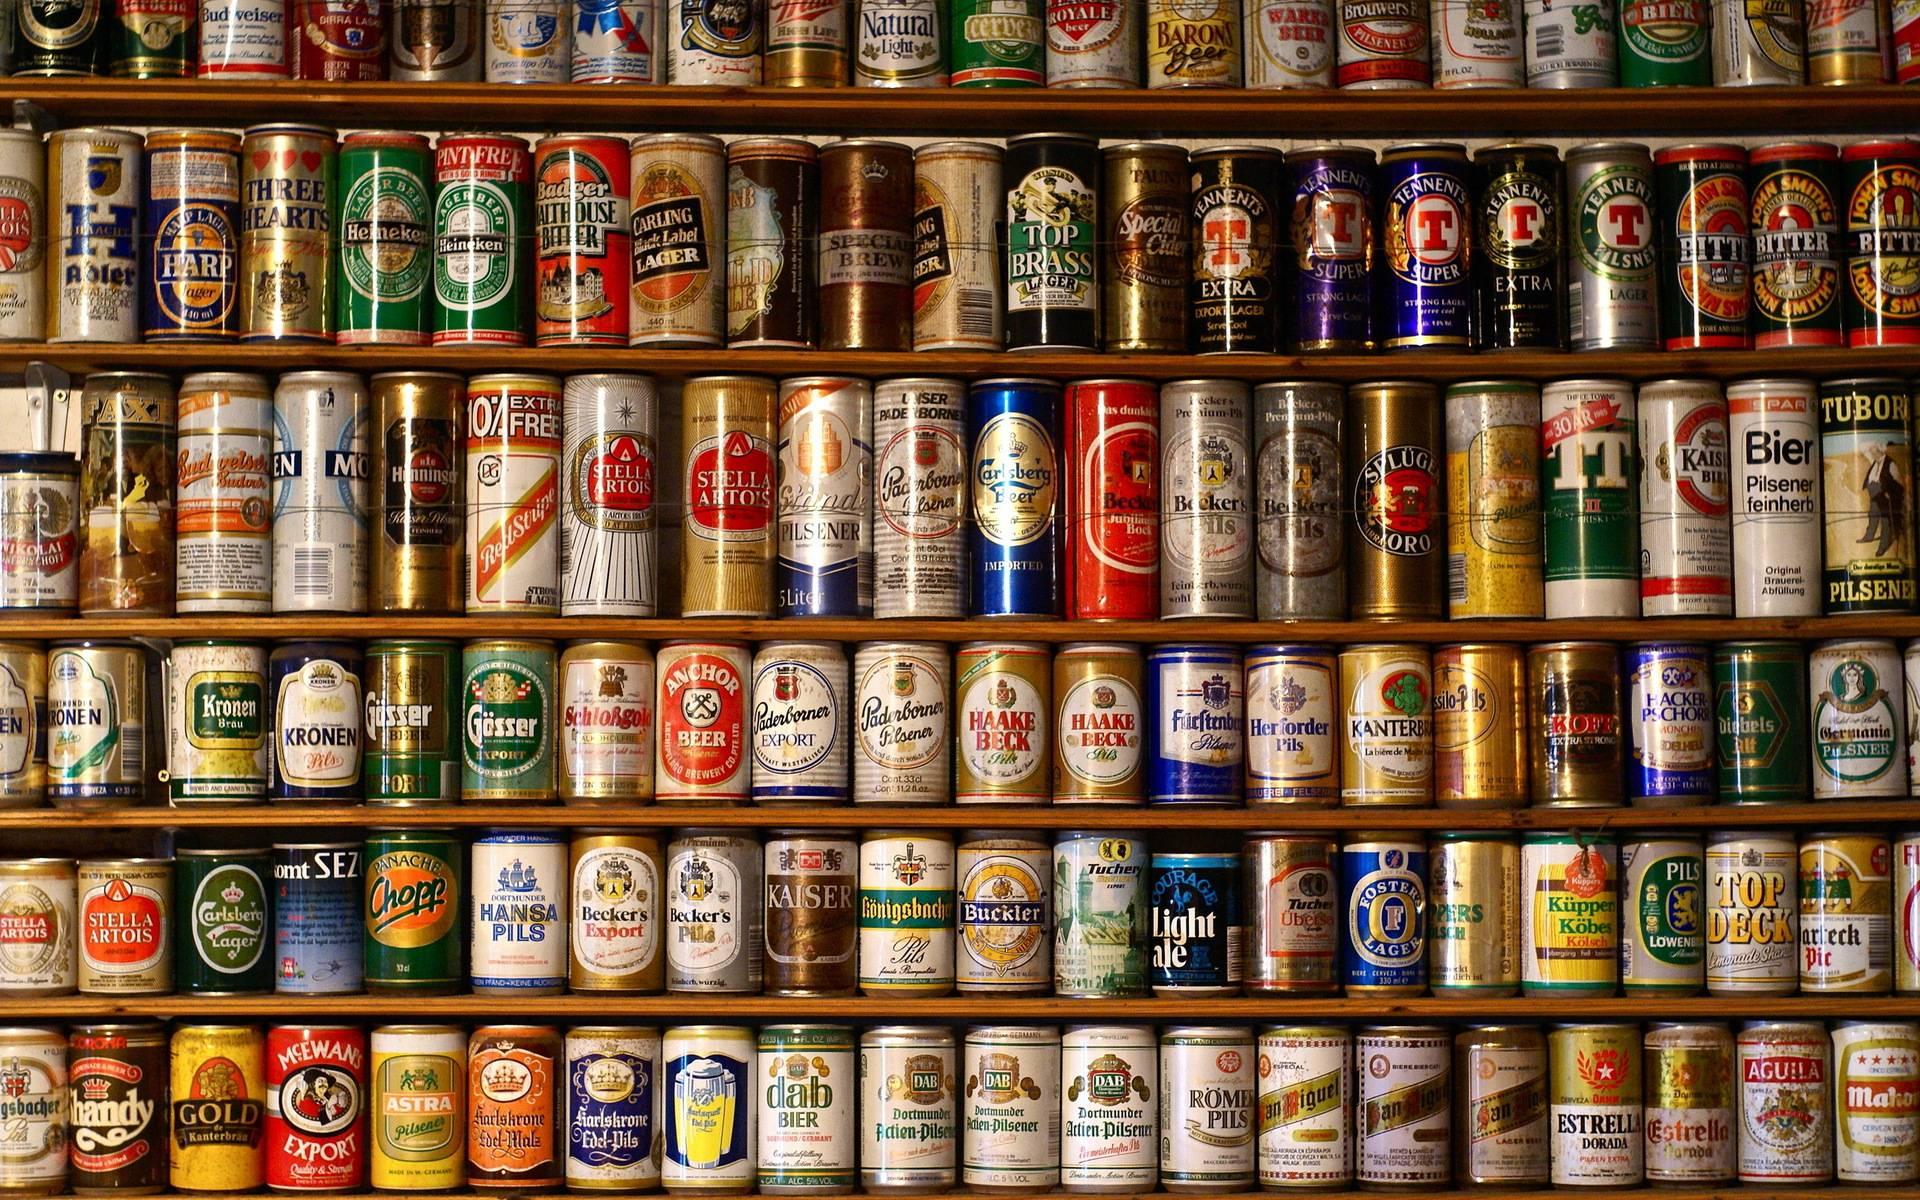 Regret, Vintage beer brands